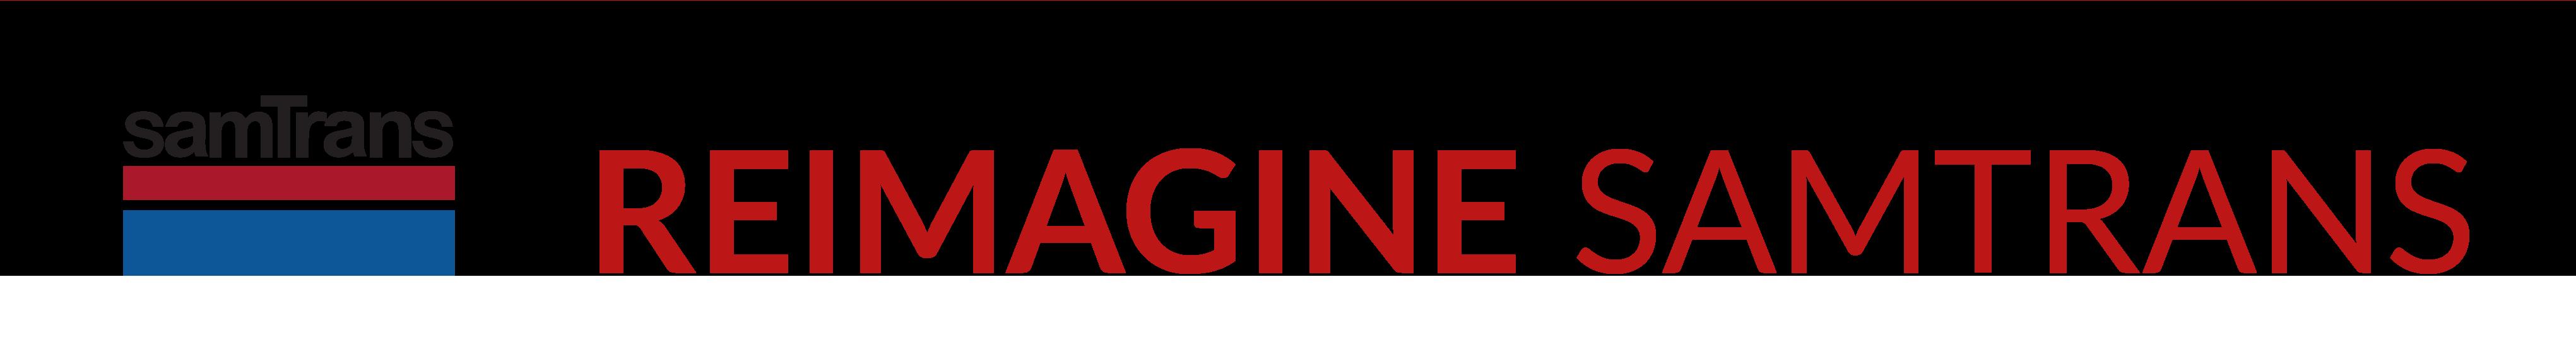 reimagine-samtrans-logo